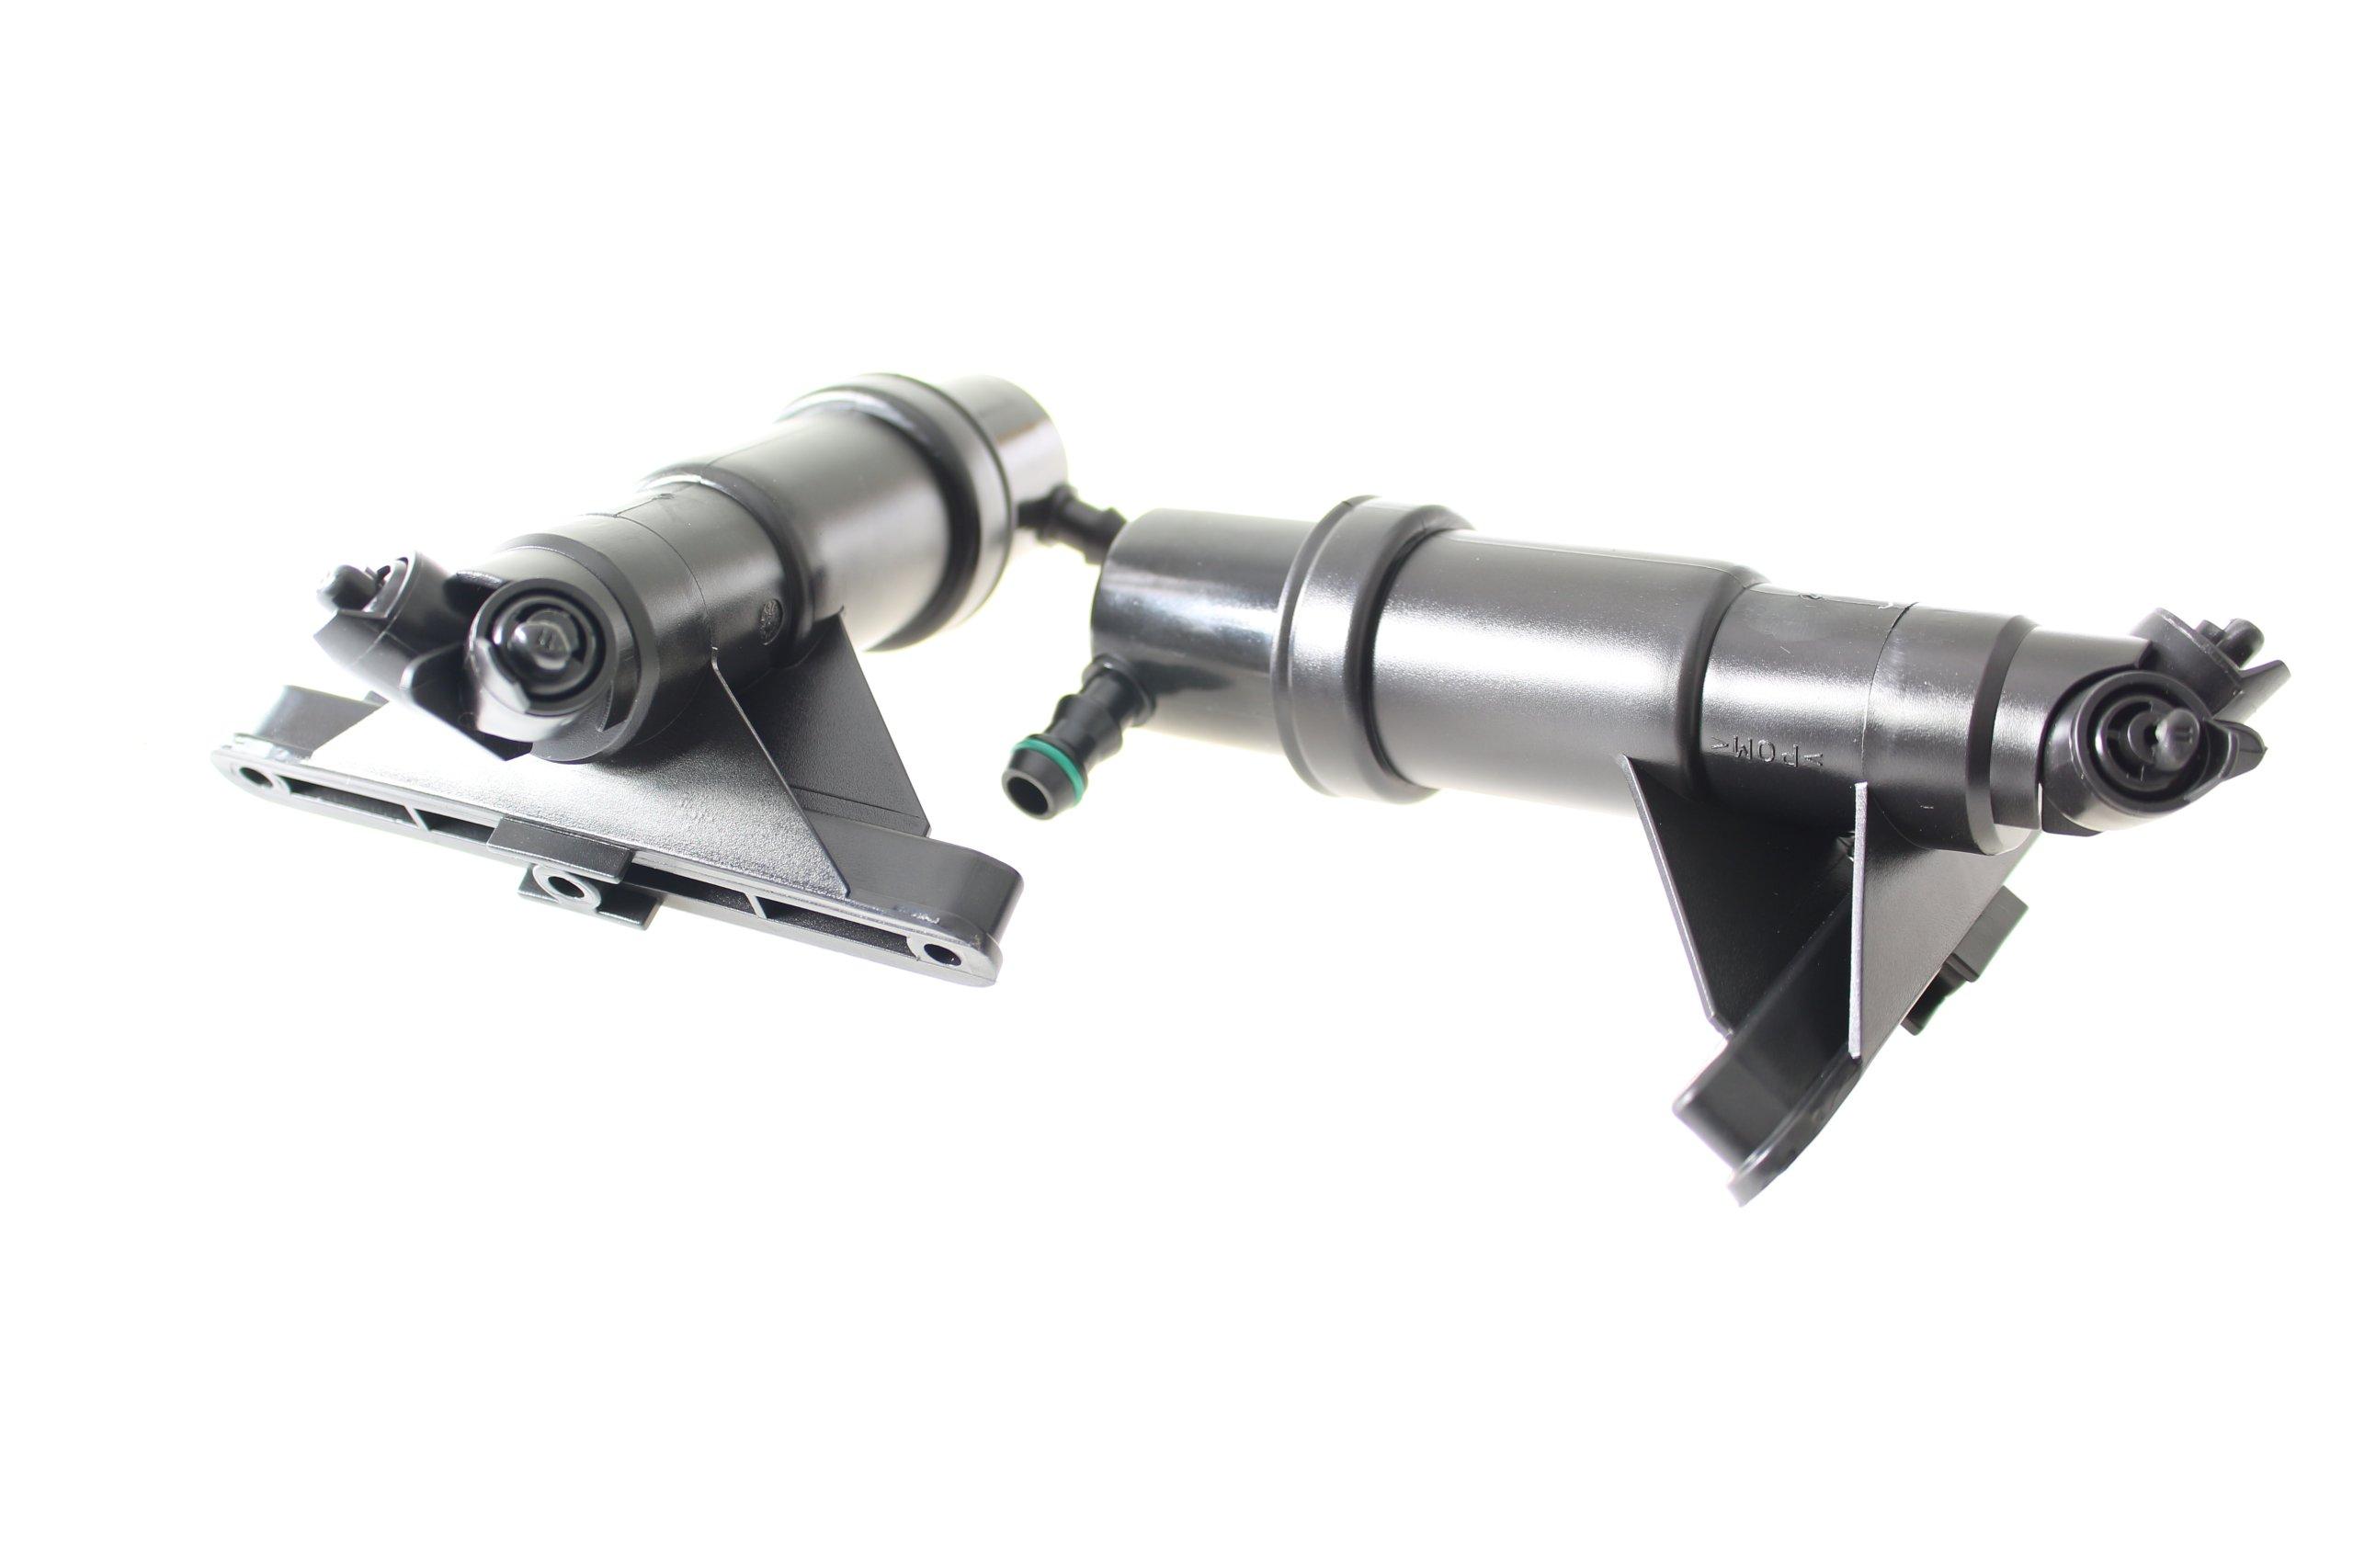 L//R Waschdüse Düse Scheinwerferreinigung Teleskopdüse für BMW E60 E61 6167703841